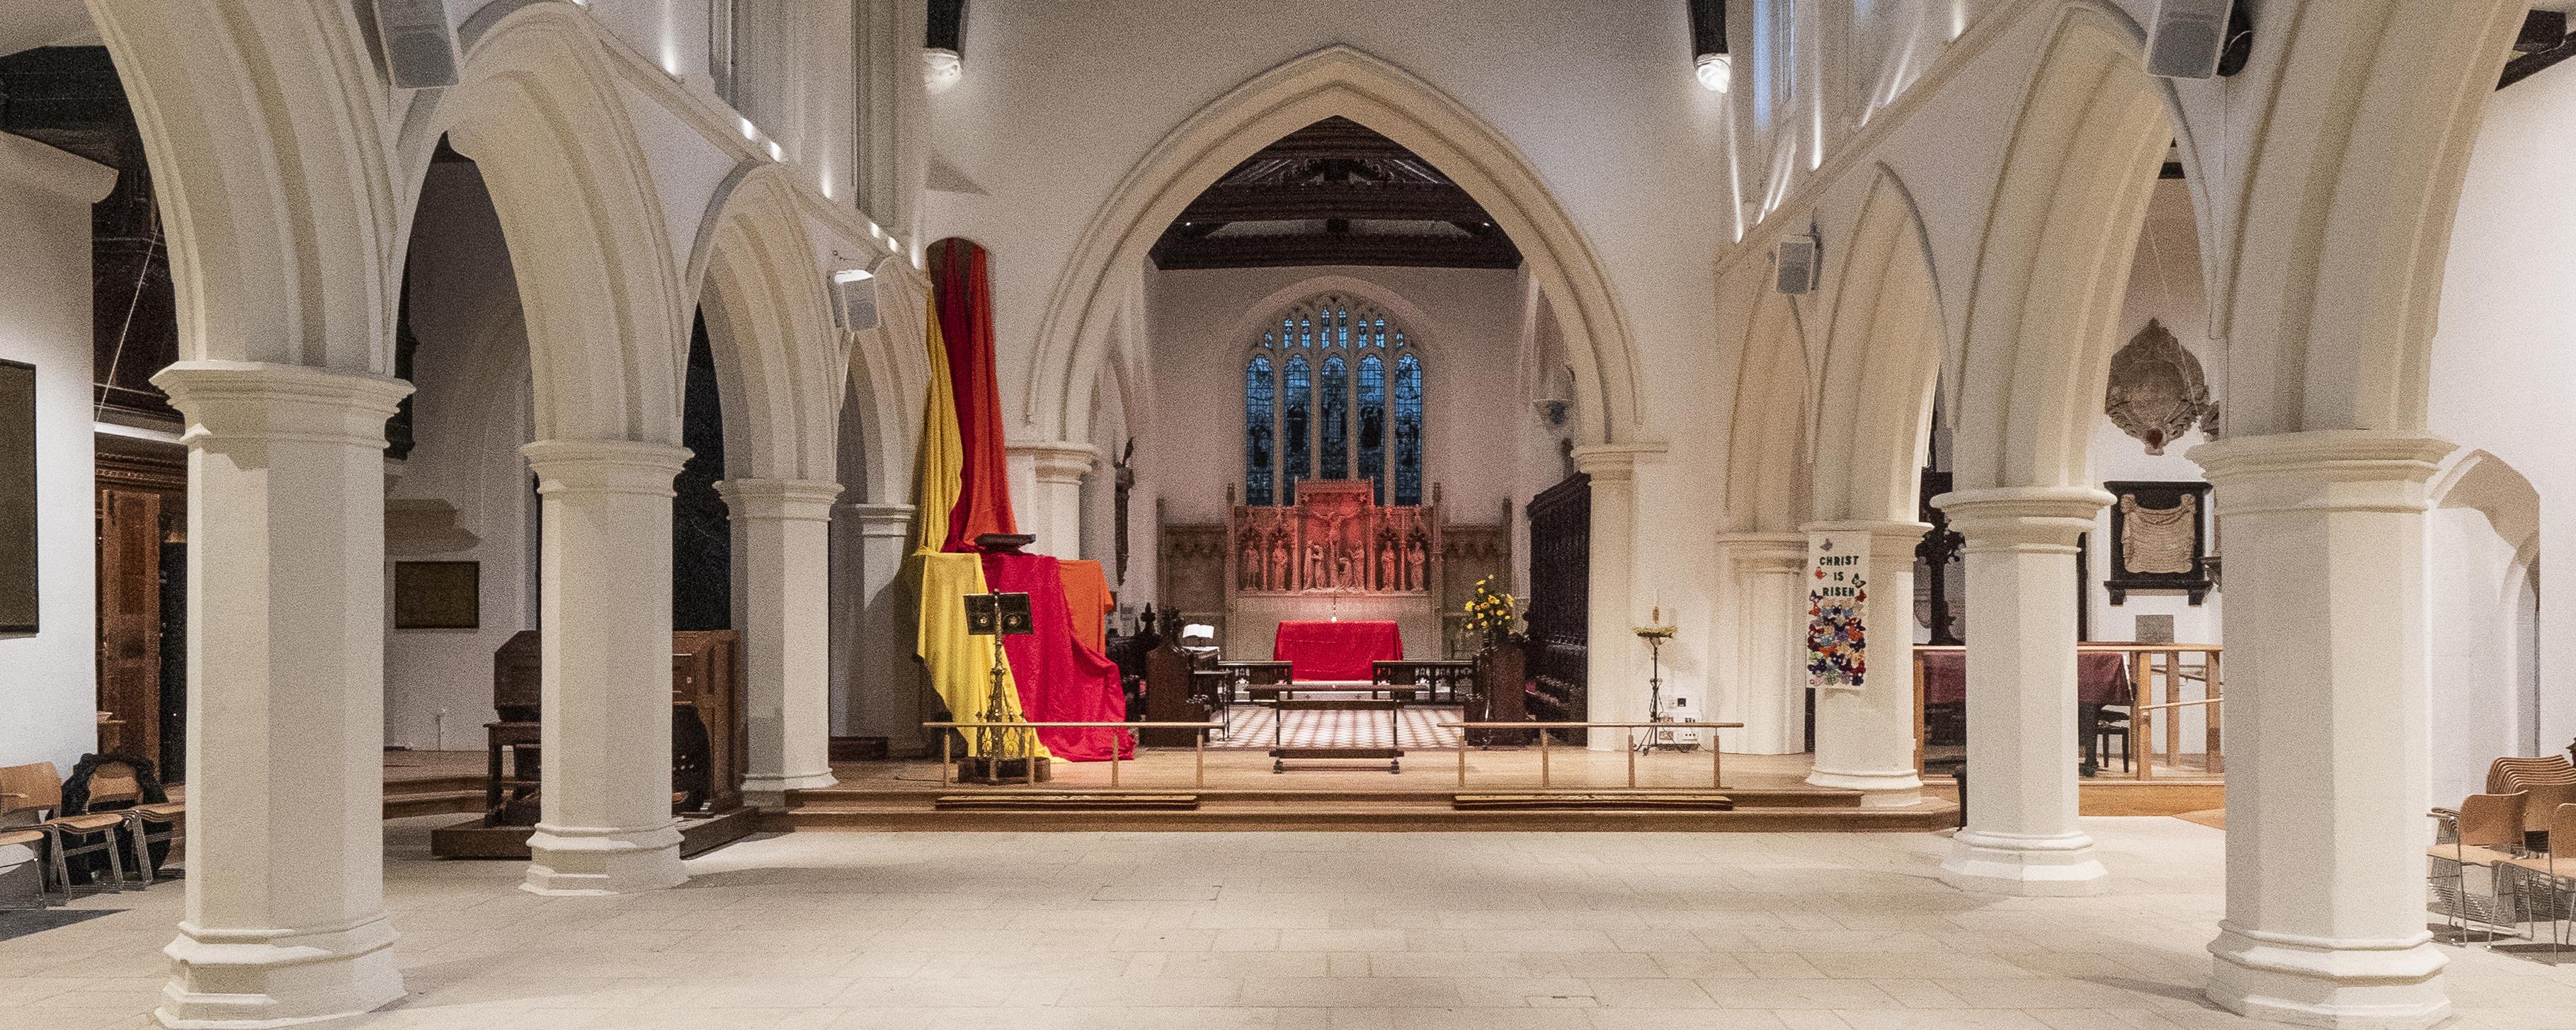 St Mary's Watford